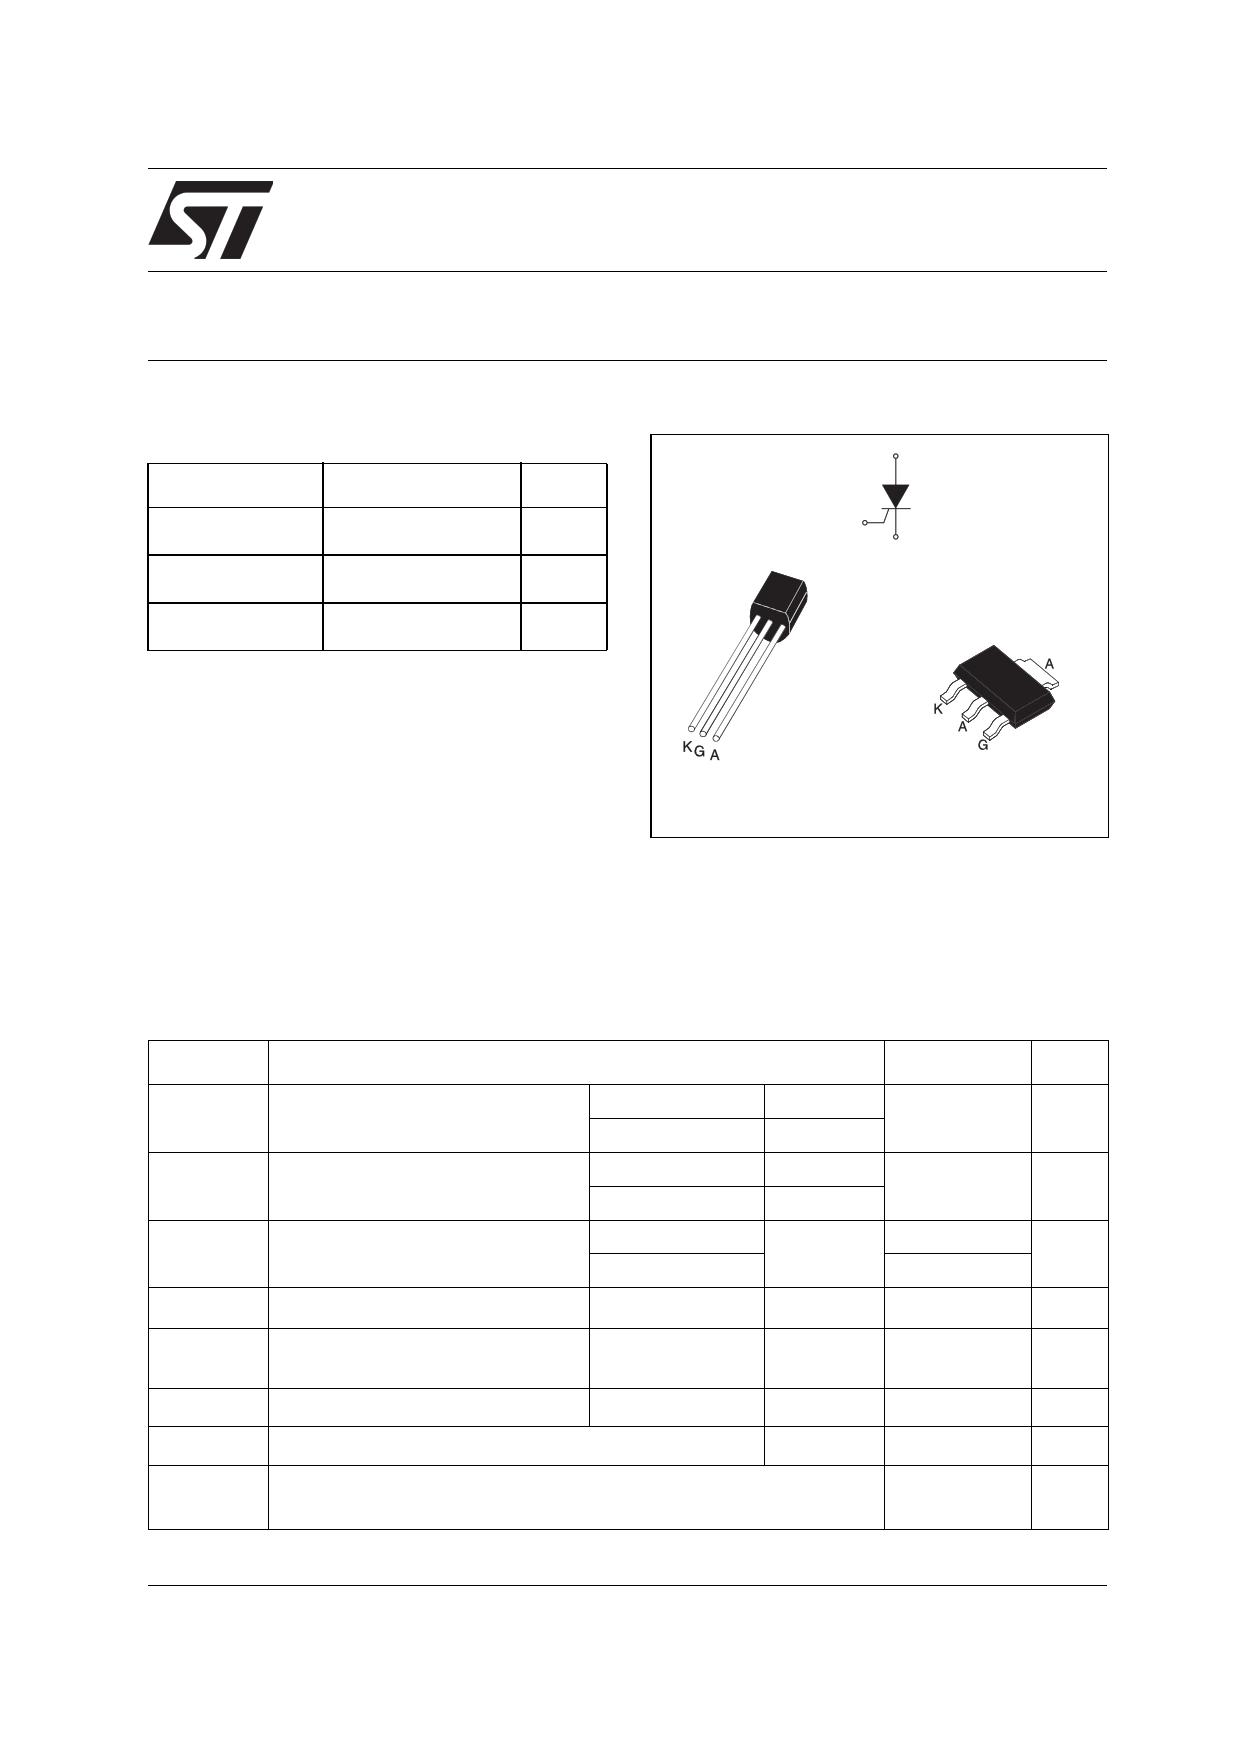 X0205MA5BA4 datasheet